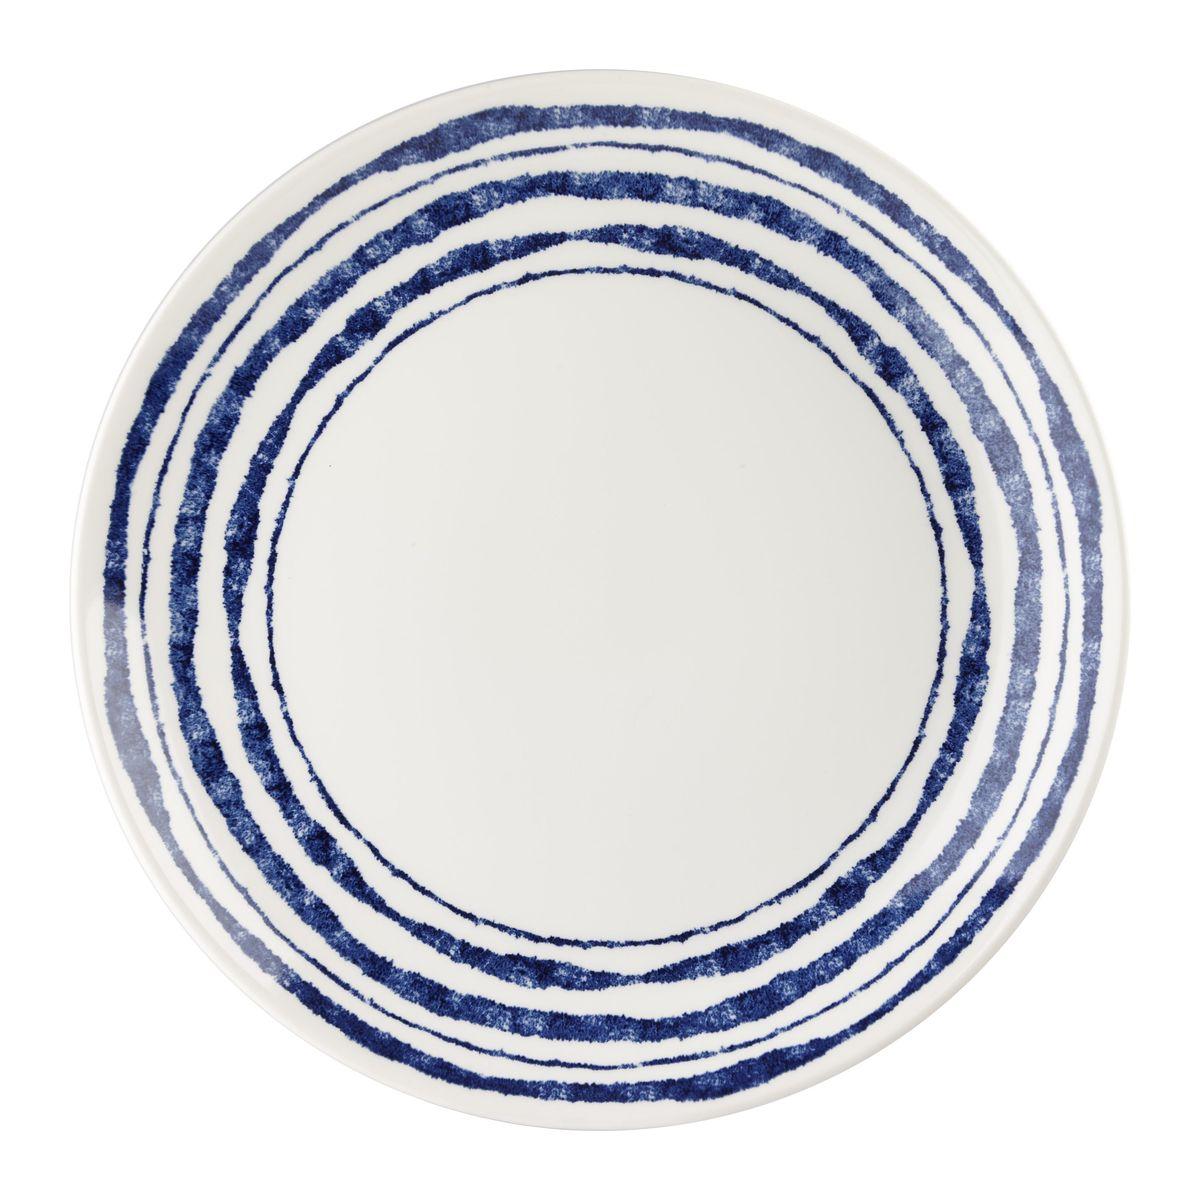 Тарелка Churchill Инки, диаметр 26 смINKI00011Тарелка Churchill Инки выполнена из высококачественного фаянса. Изделие сочетает в себе изысканный дизайн с максимальной функциональностью. Тарелка прекрасно впишется в интерьер вашей кухни и станет достойным дополнением к кухонному инвентарю. Тарелка Churchill Инки подчеркнет прекрасный вкус хозяйки и станет отличным подарком. Можно мыть в посудомоечной машине и использовать в микроволновой печи. Диаметр тарелки (по верхнему краю): 26 см.